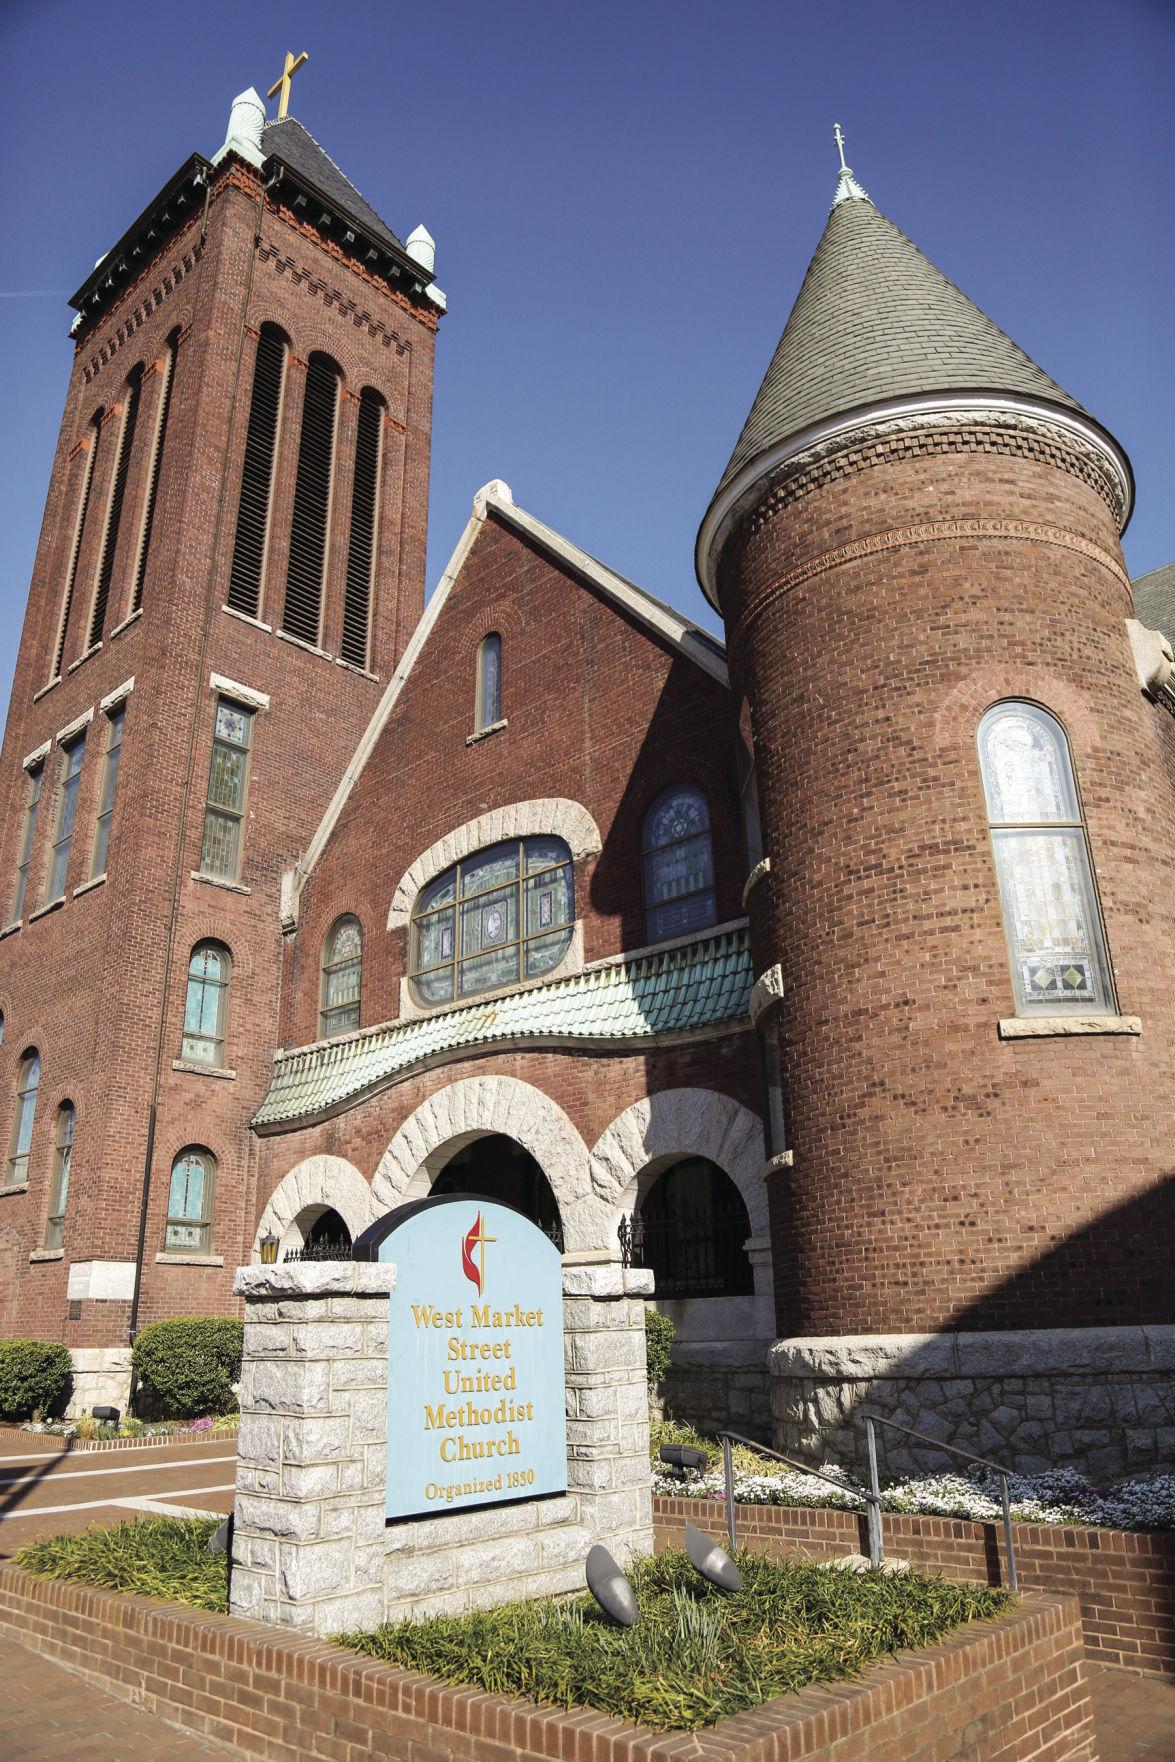 Gay street united methodist church